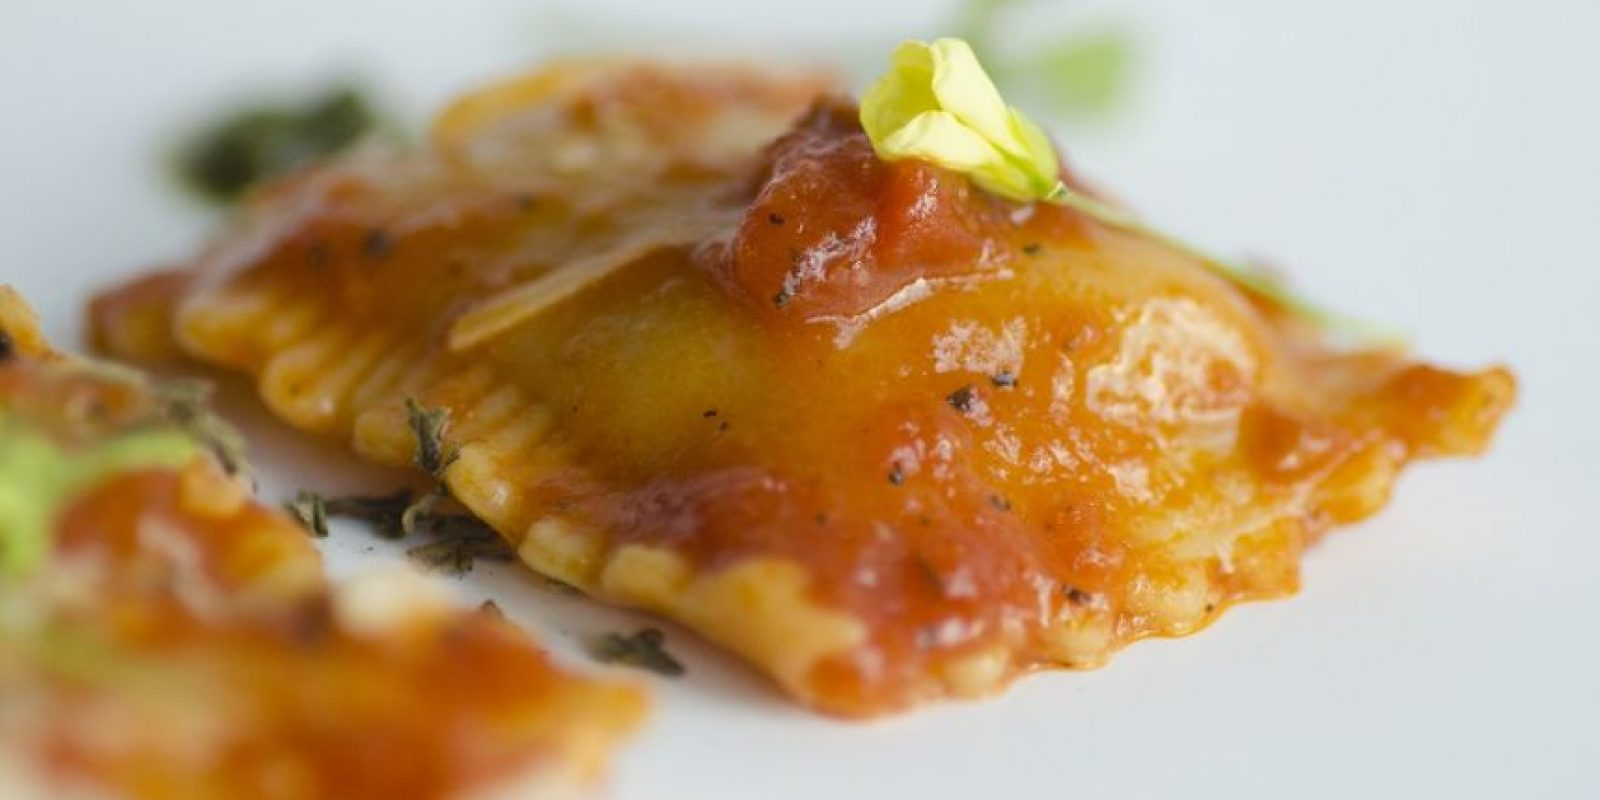 Ravioli de Gallina vieja Cibaeña. Con salsa fresca de tomates y toque de pesto dulce de cilantro. Foto:Fuente externa